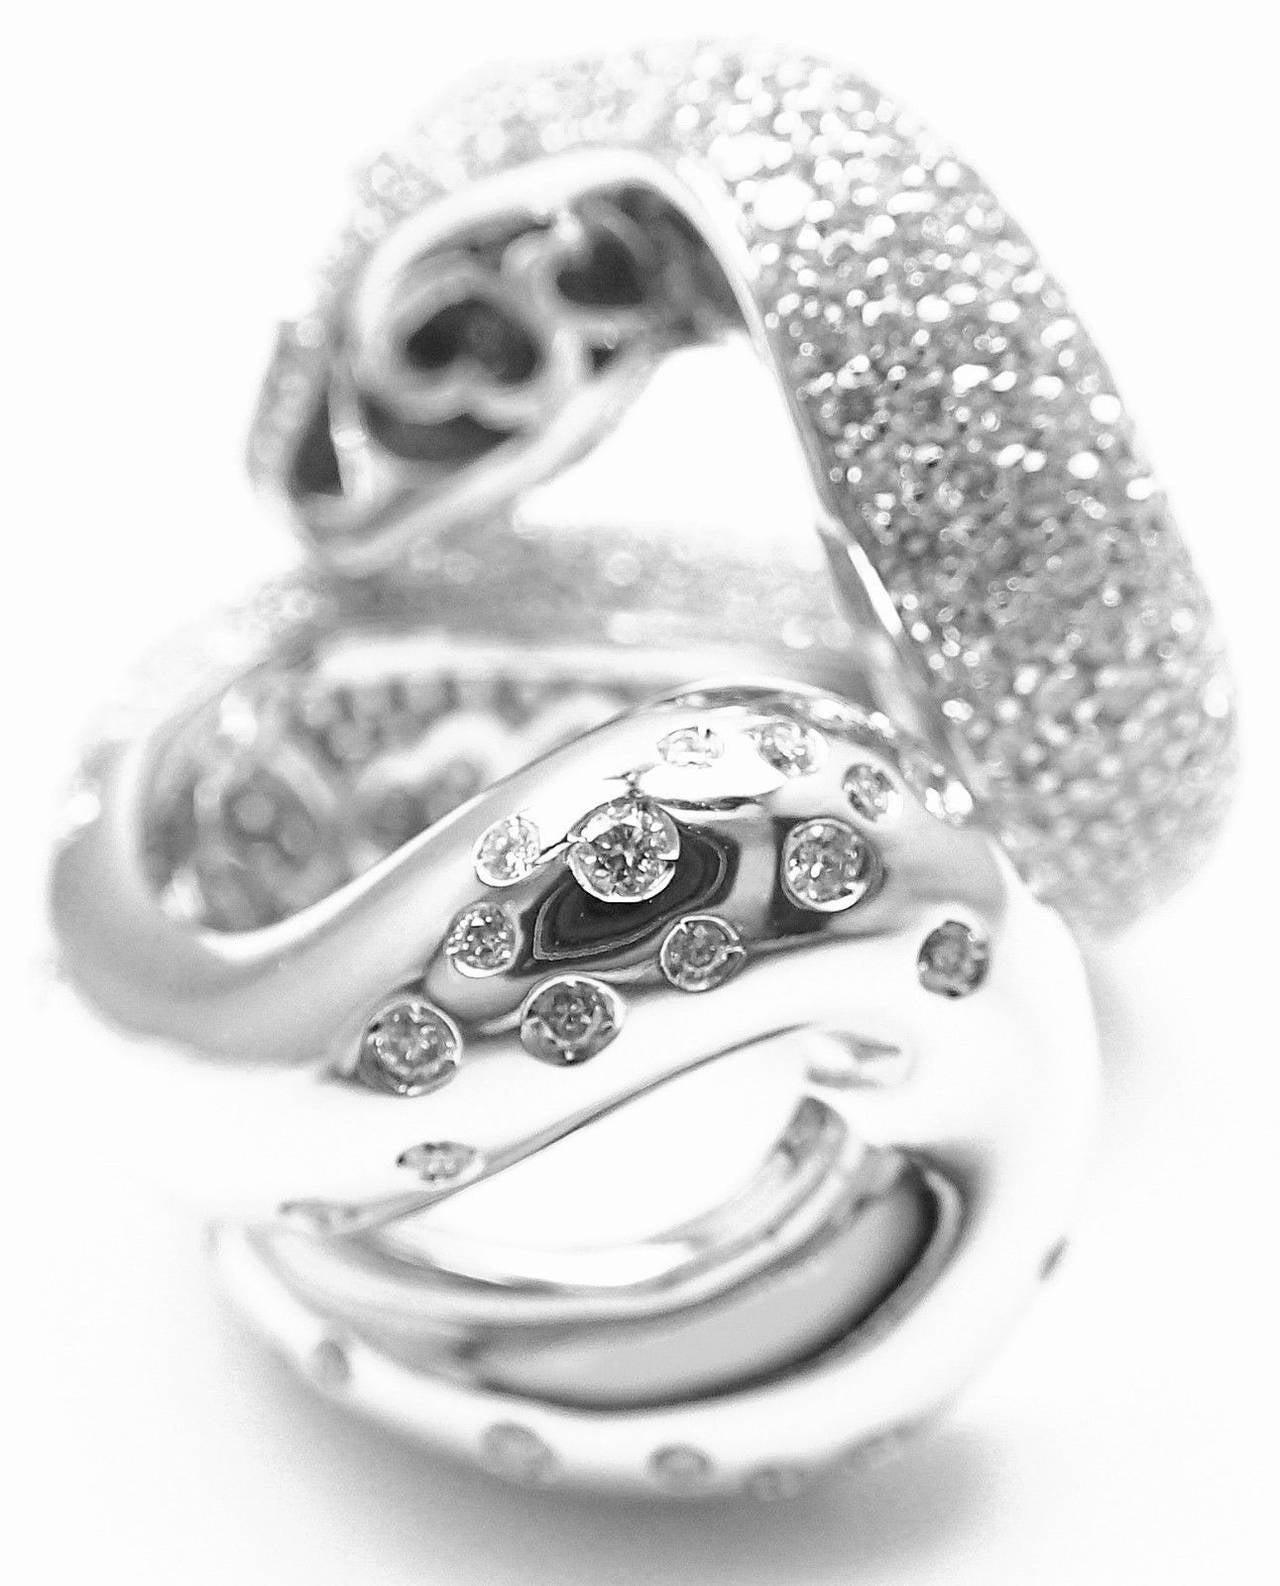 Pasquale Bruni IL PECCATO Diamond Snake White Gold Ring For Sale 3